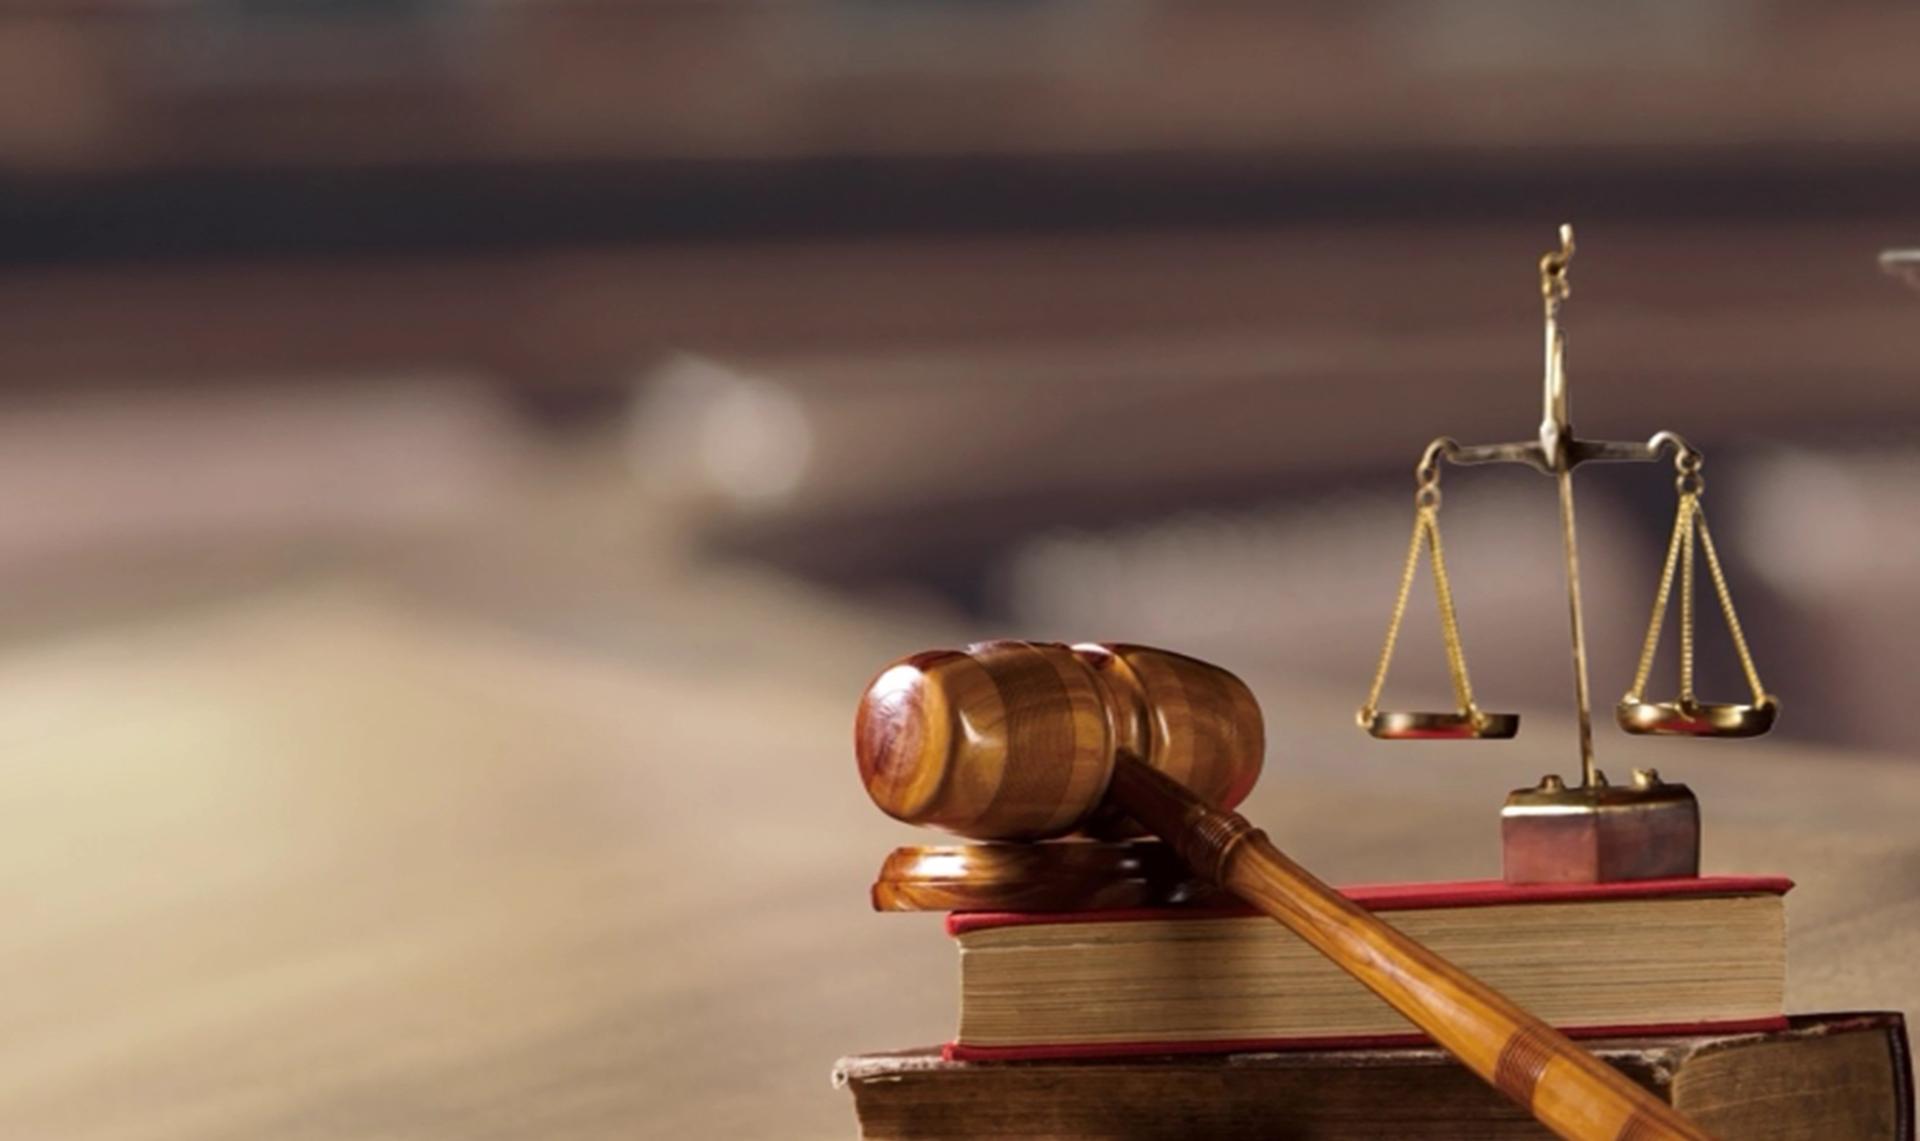 В Мангистау работодатель подал в суд на бастовавших работников